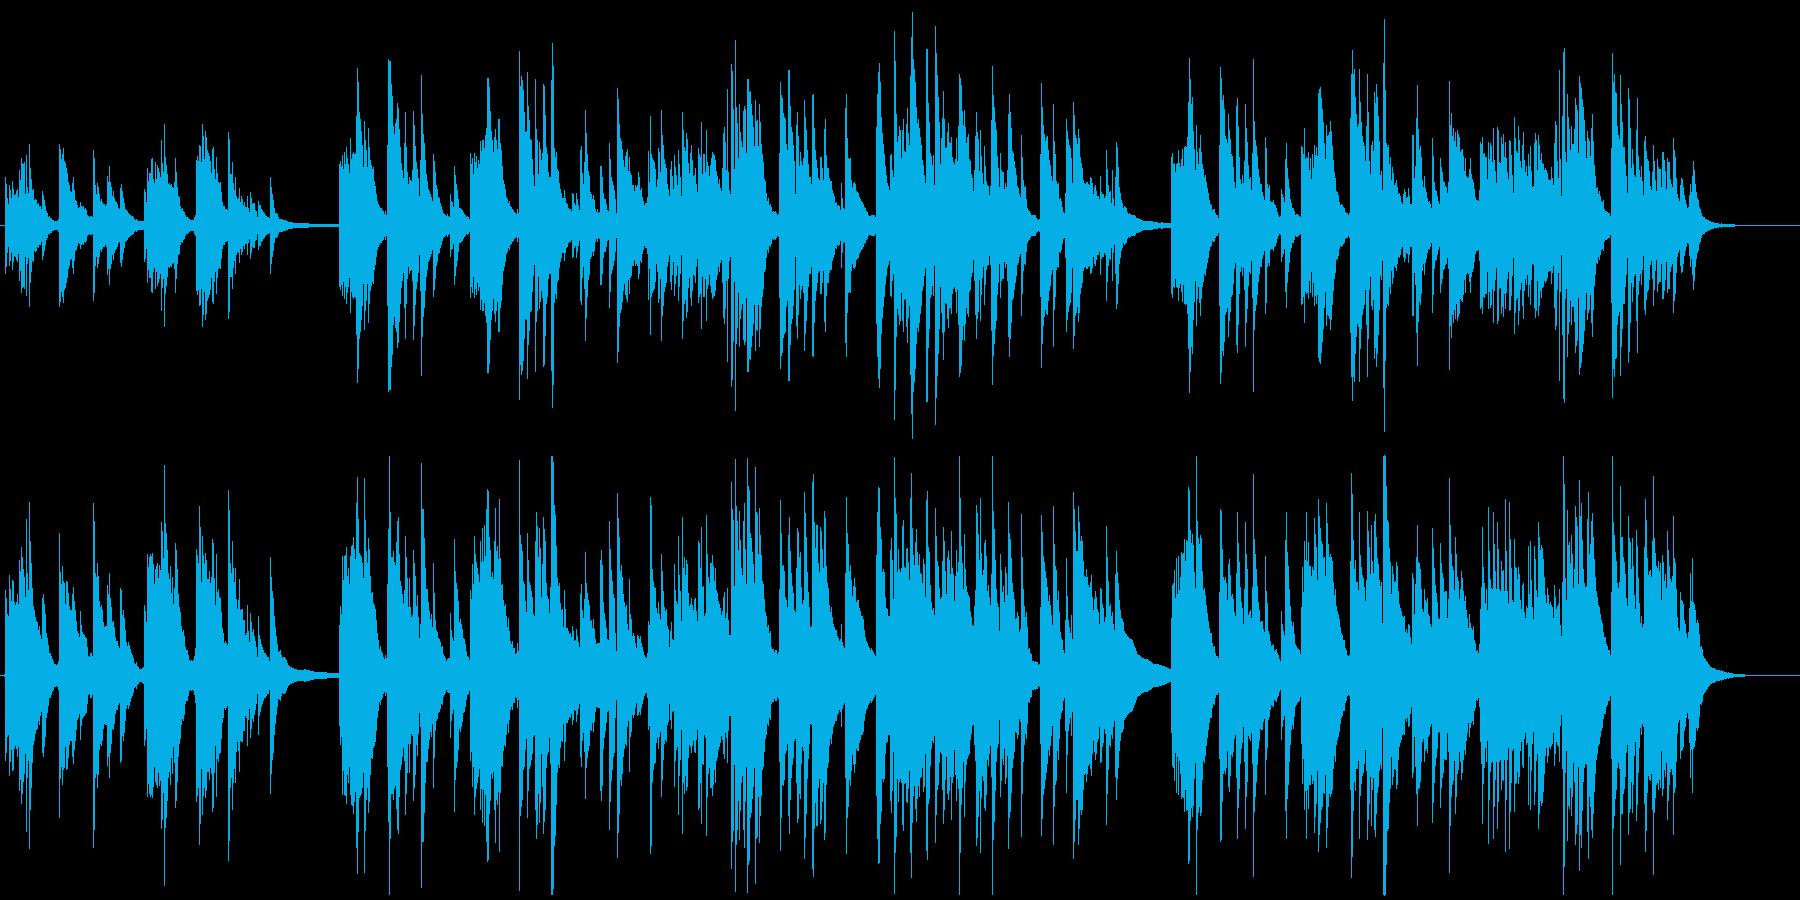 和風なギターインストバラードの再生済みの波形